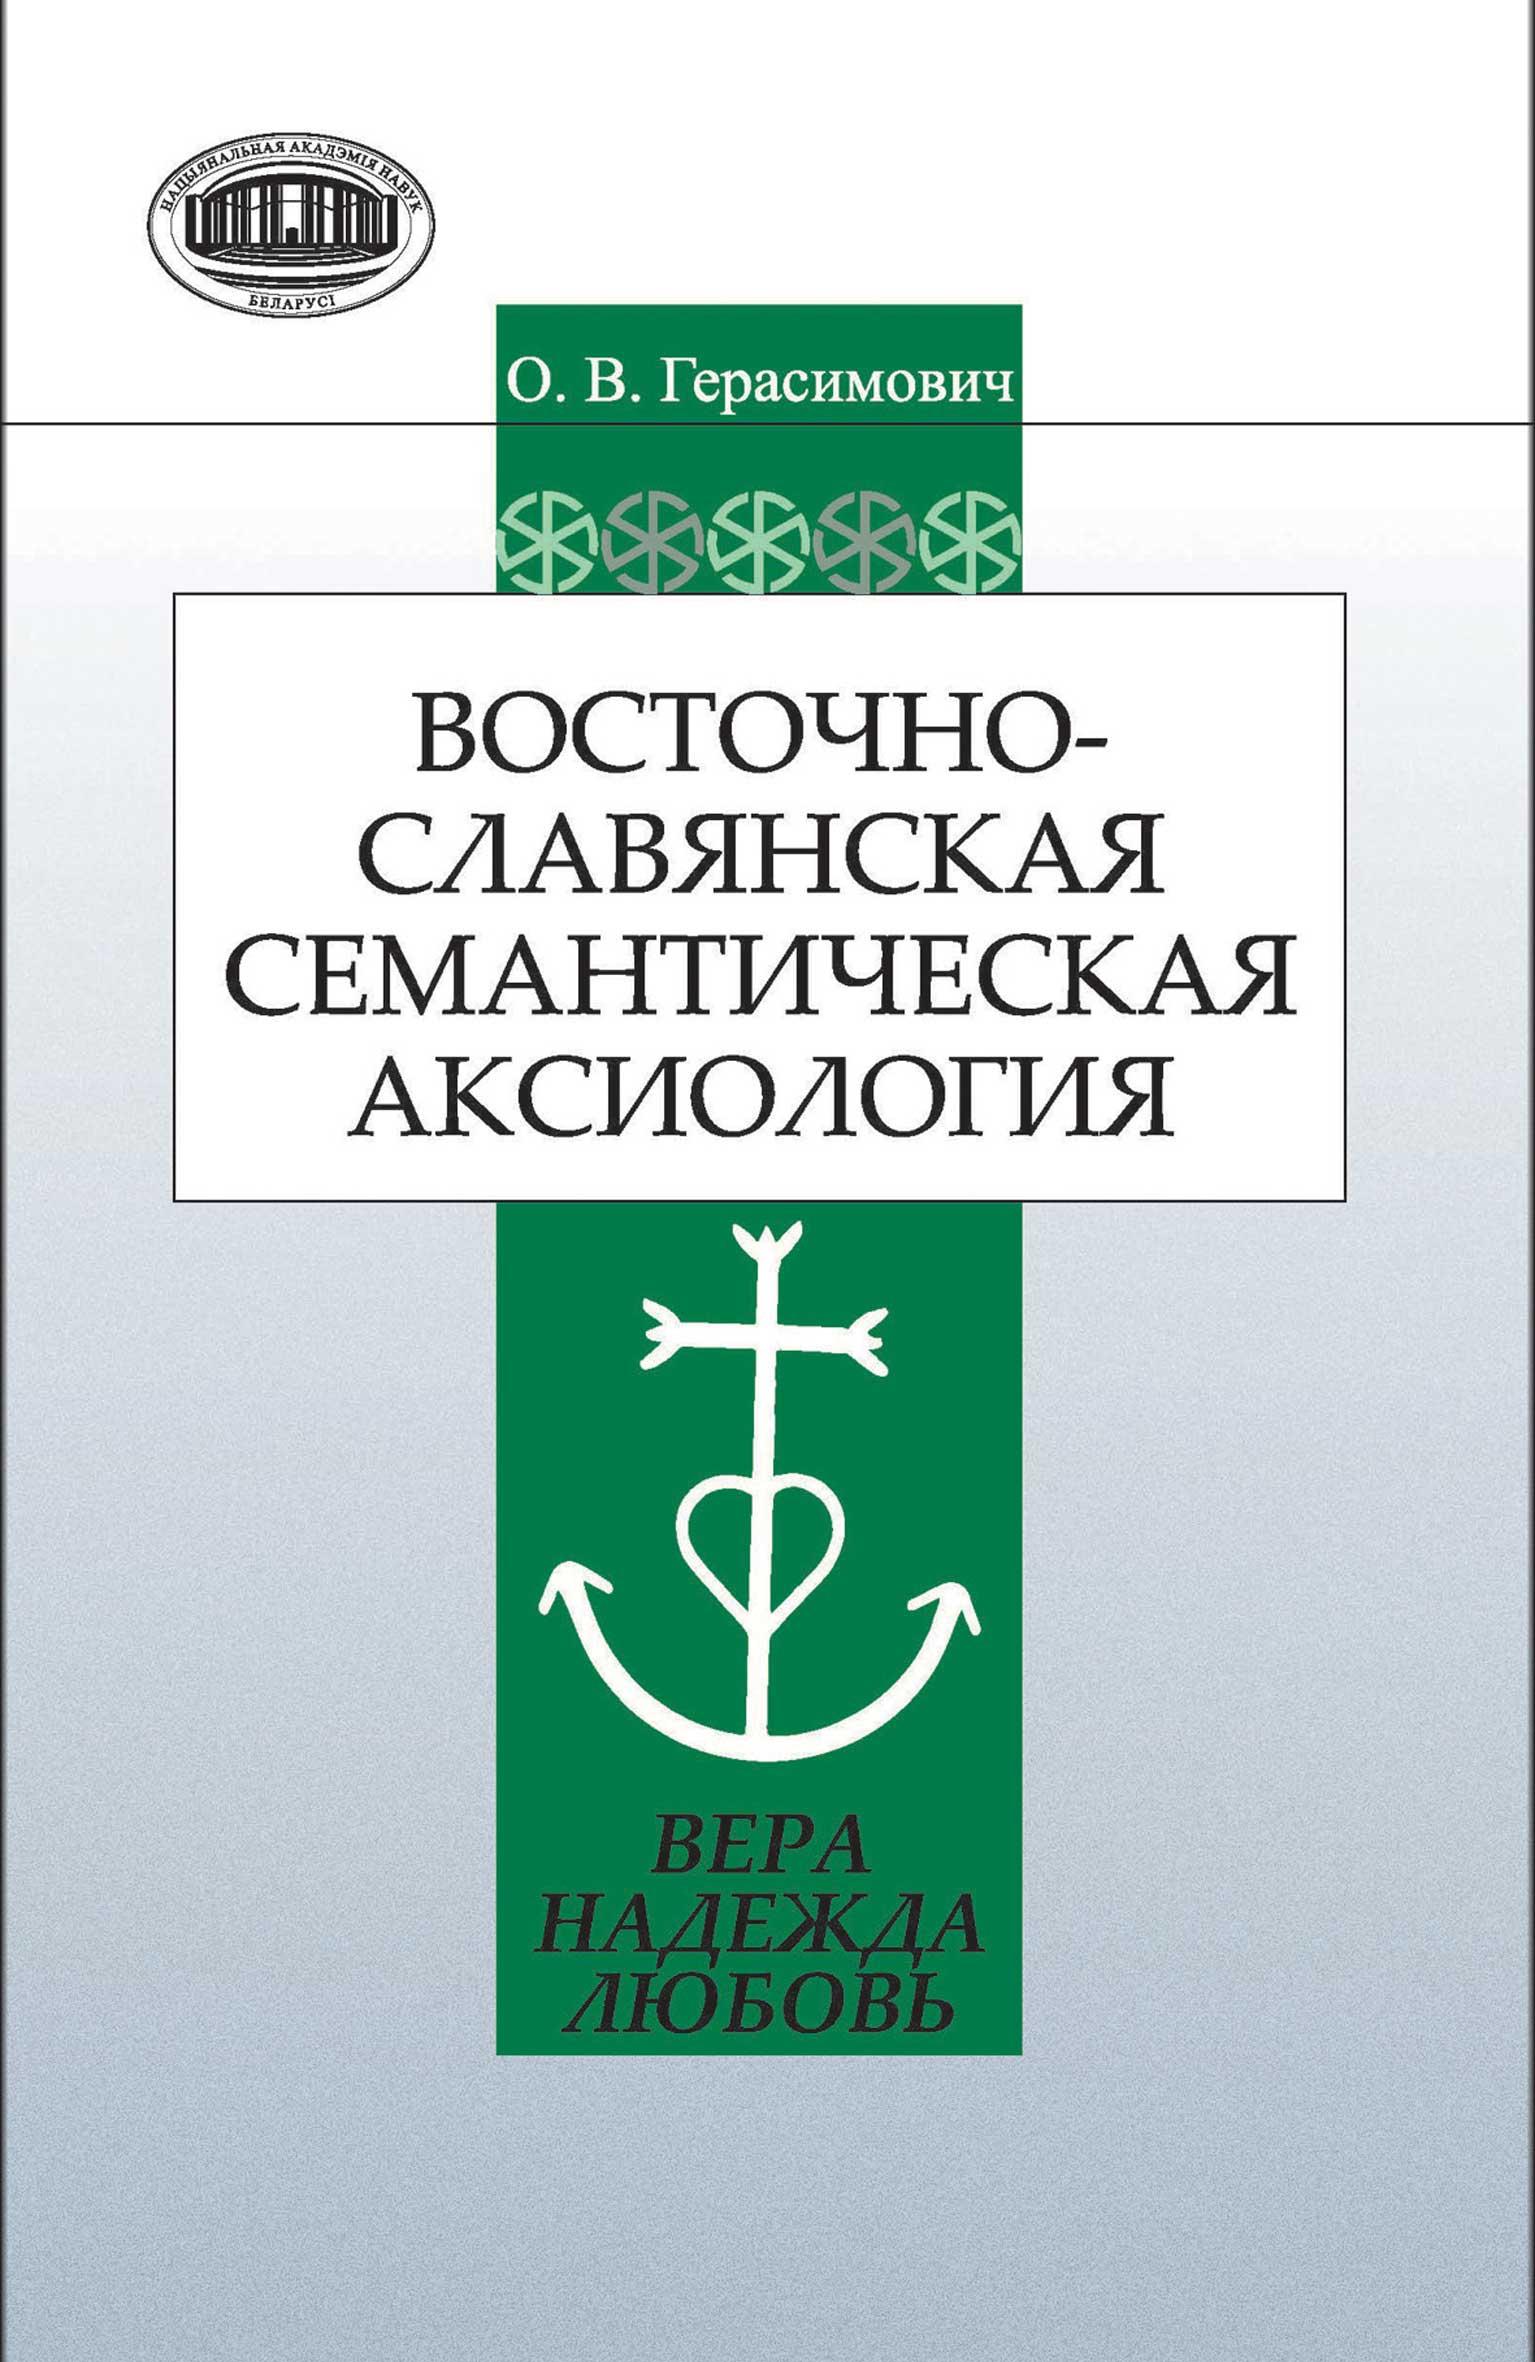 купить О. В. Герасимович Восточнославянская семантическая аксиология (вера, надежда, любовь) онлайн